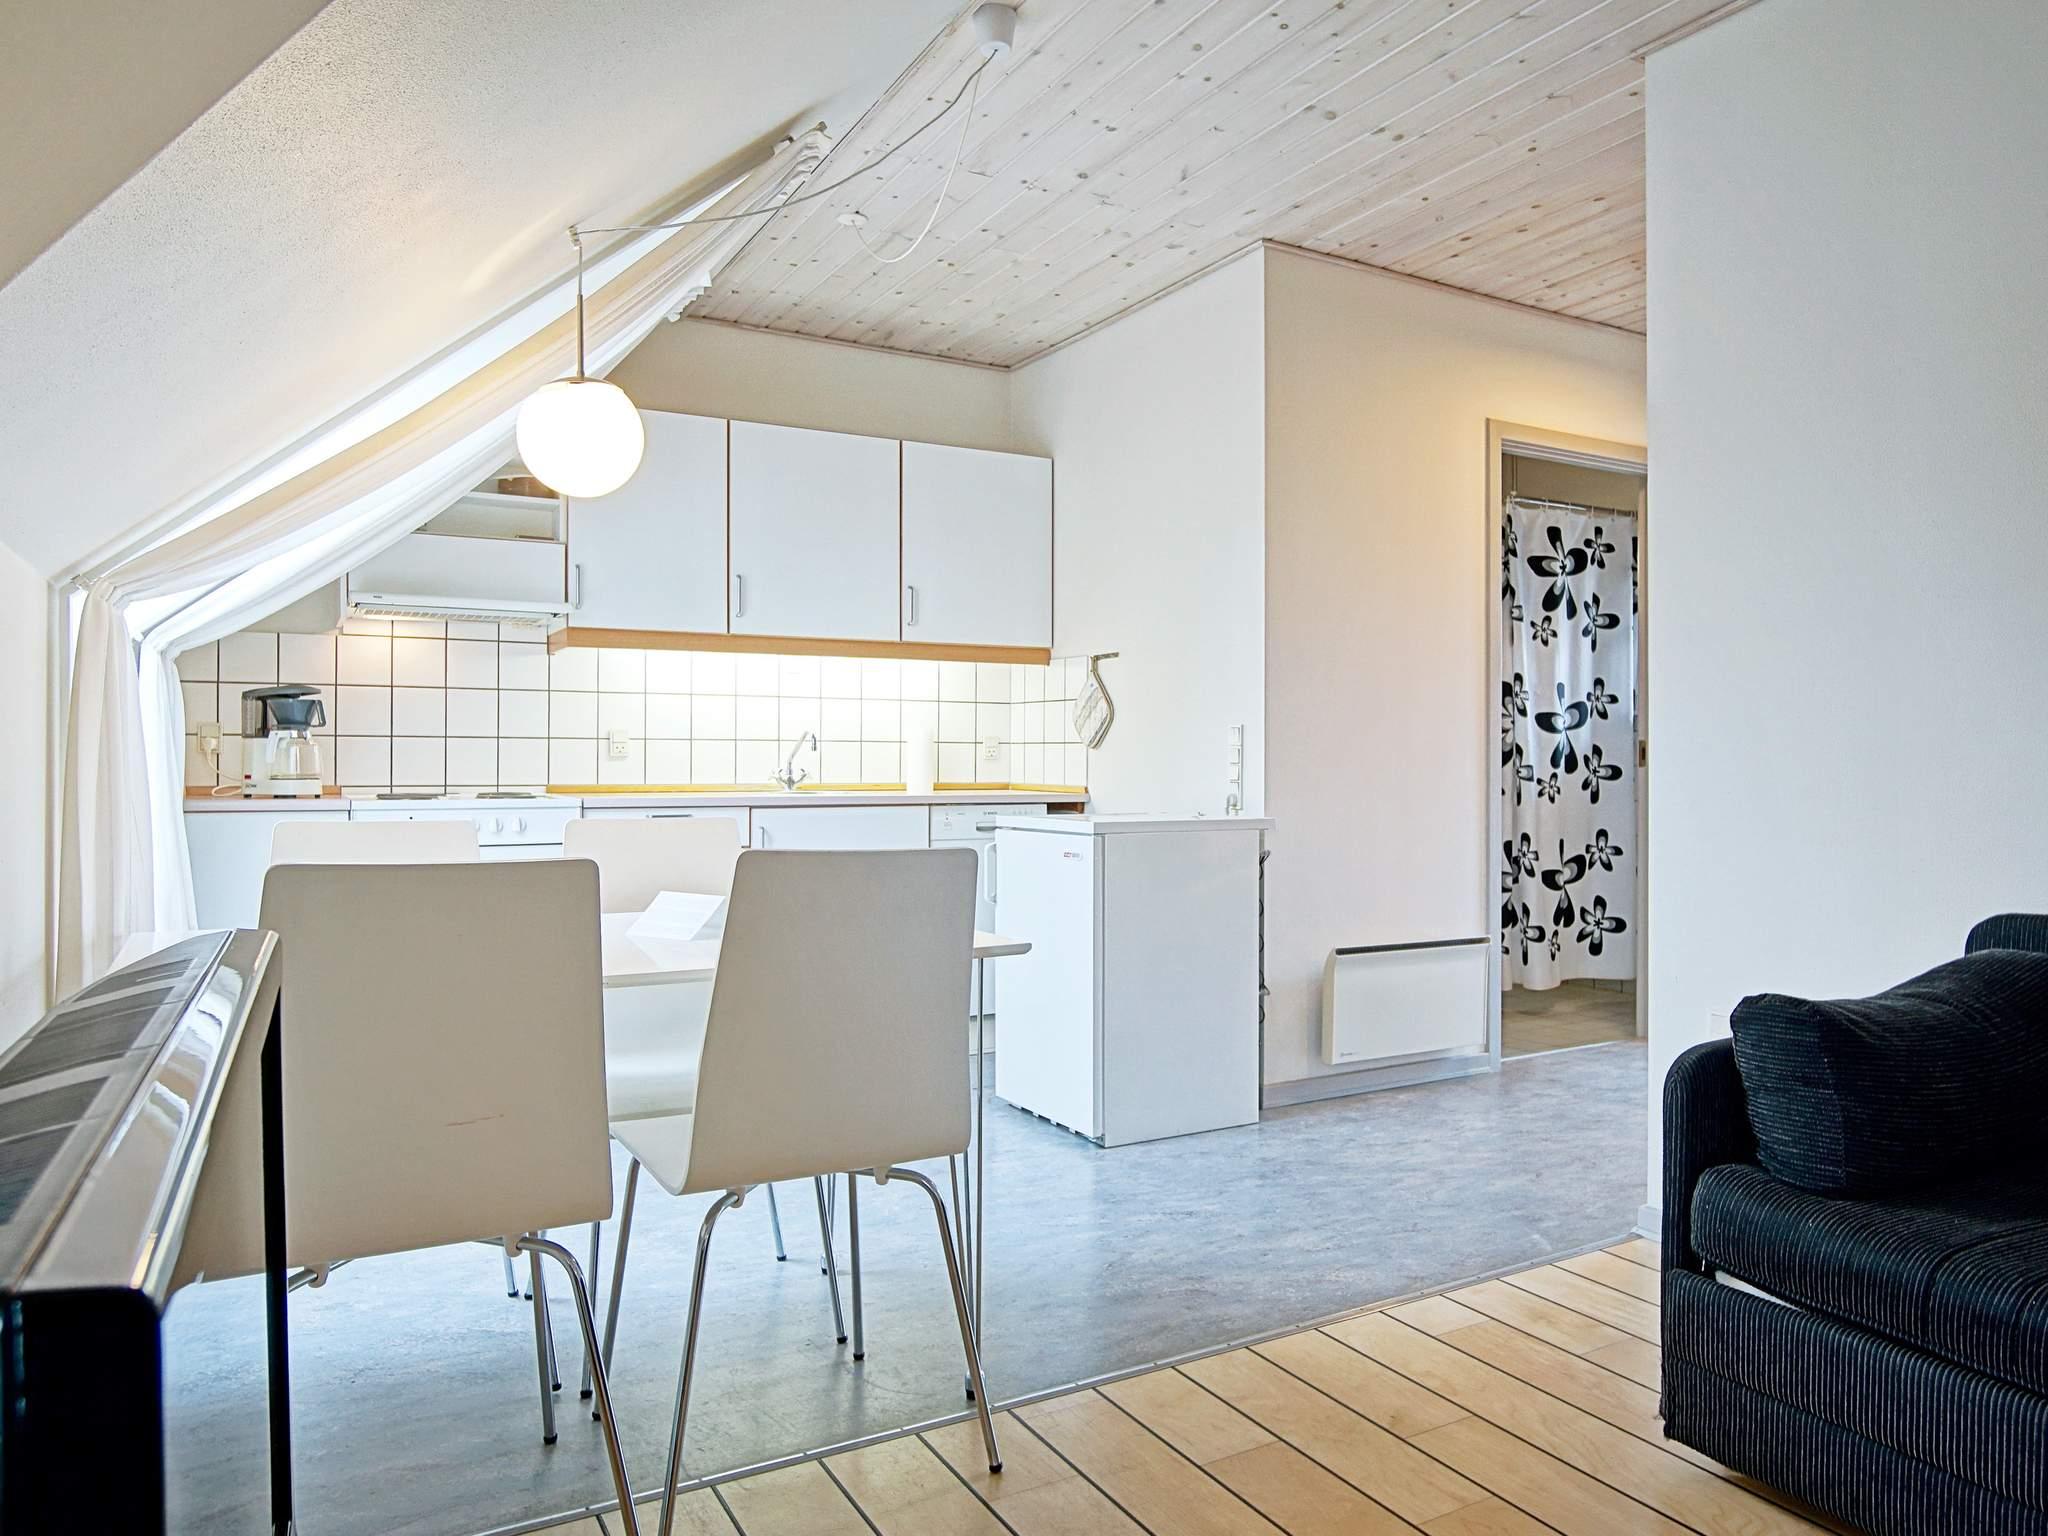 Ferienhaus Gudhjem (385014), Gudhjem, , Bornholm, Dänemark, Bild 3